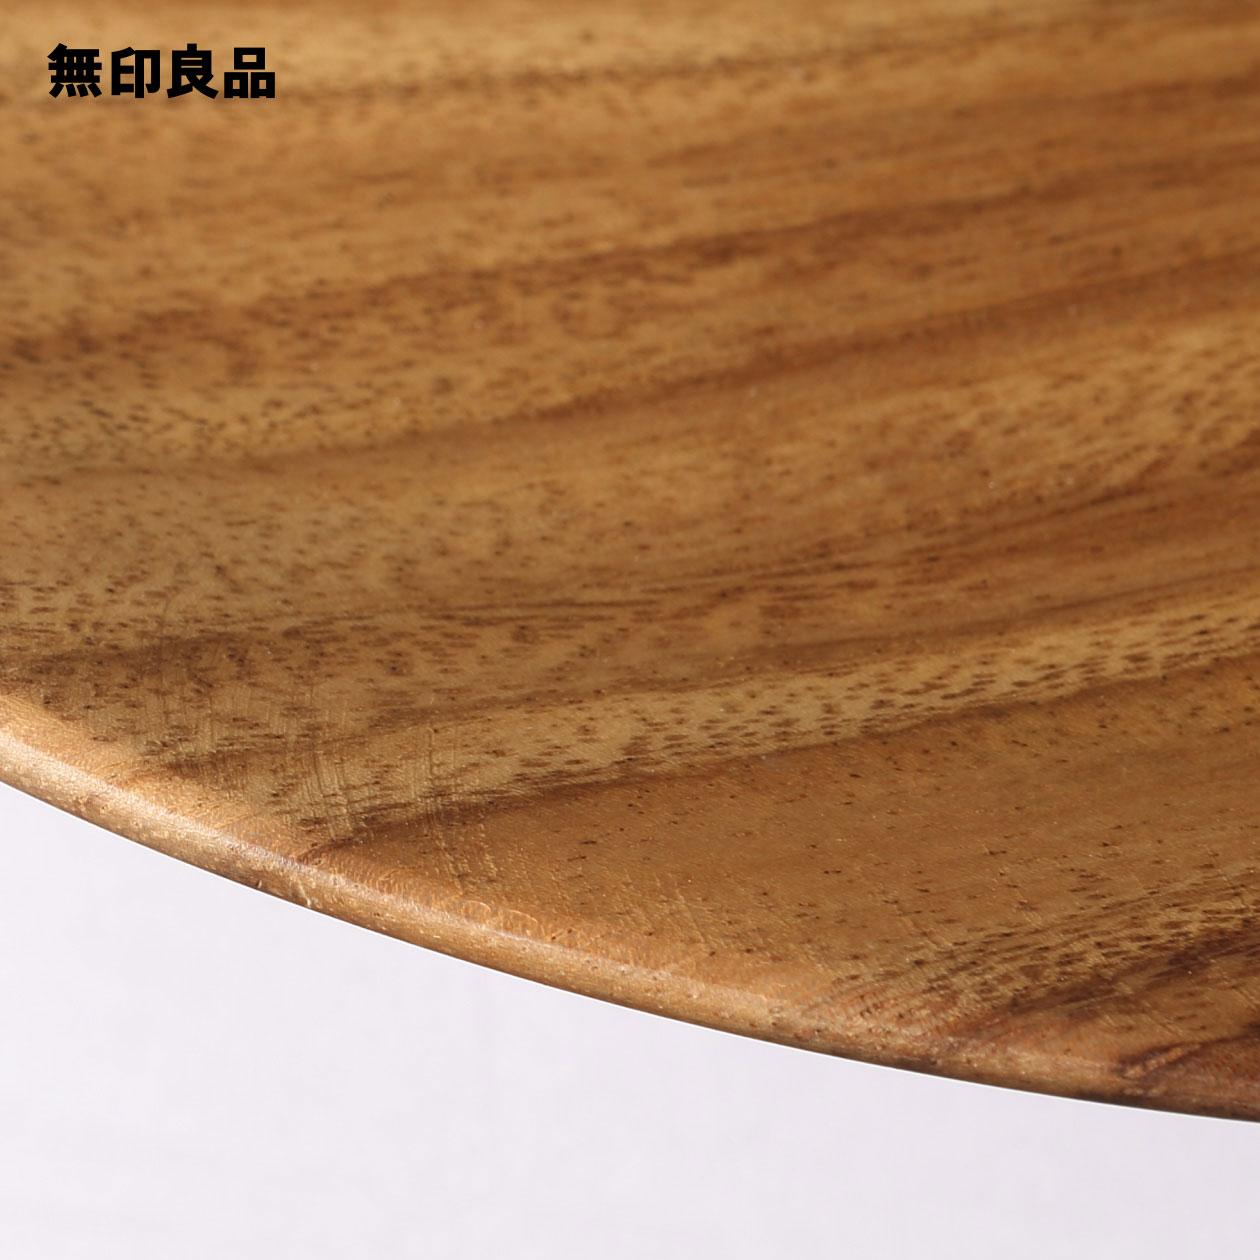 【無印良品公式】アカシアプレート約直径15×高さ2cm